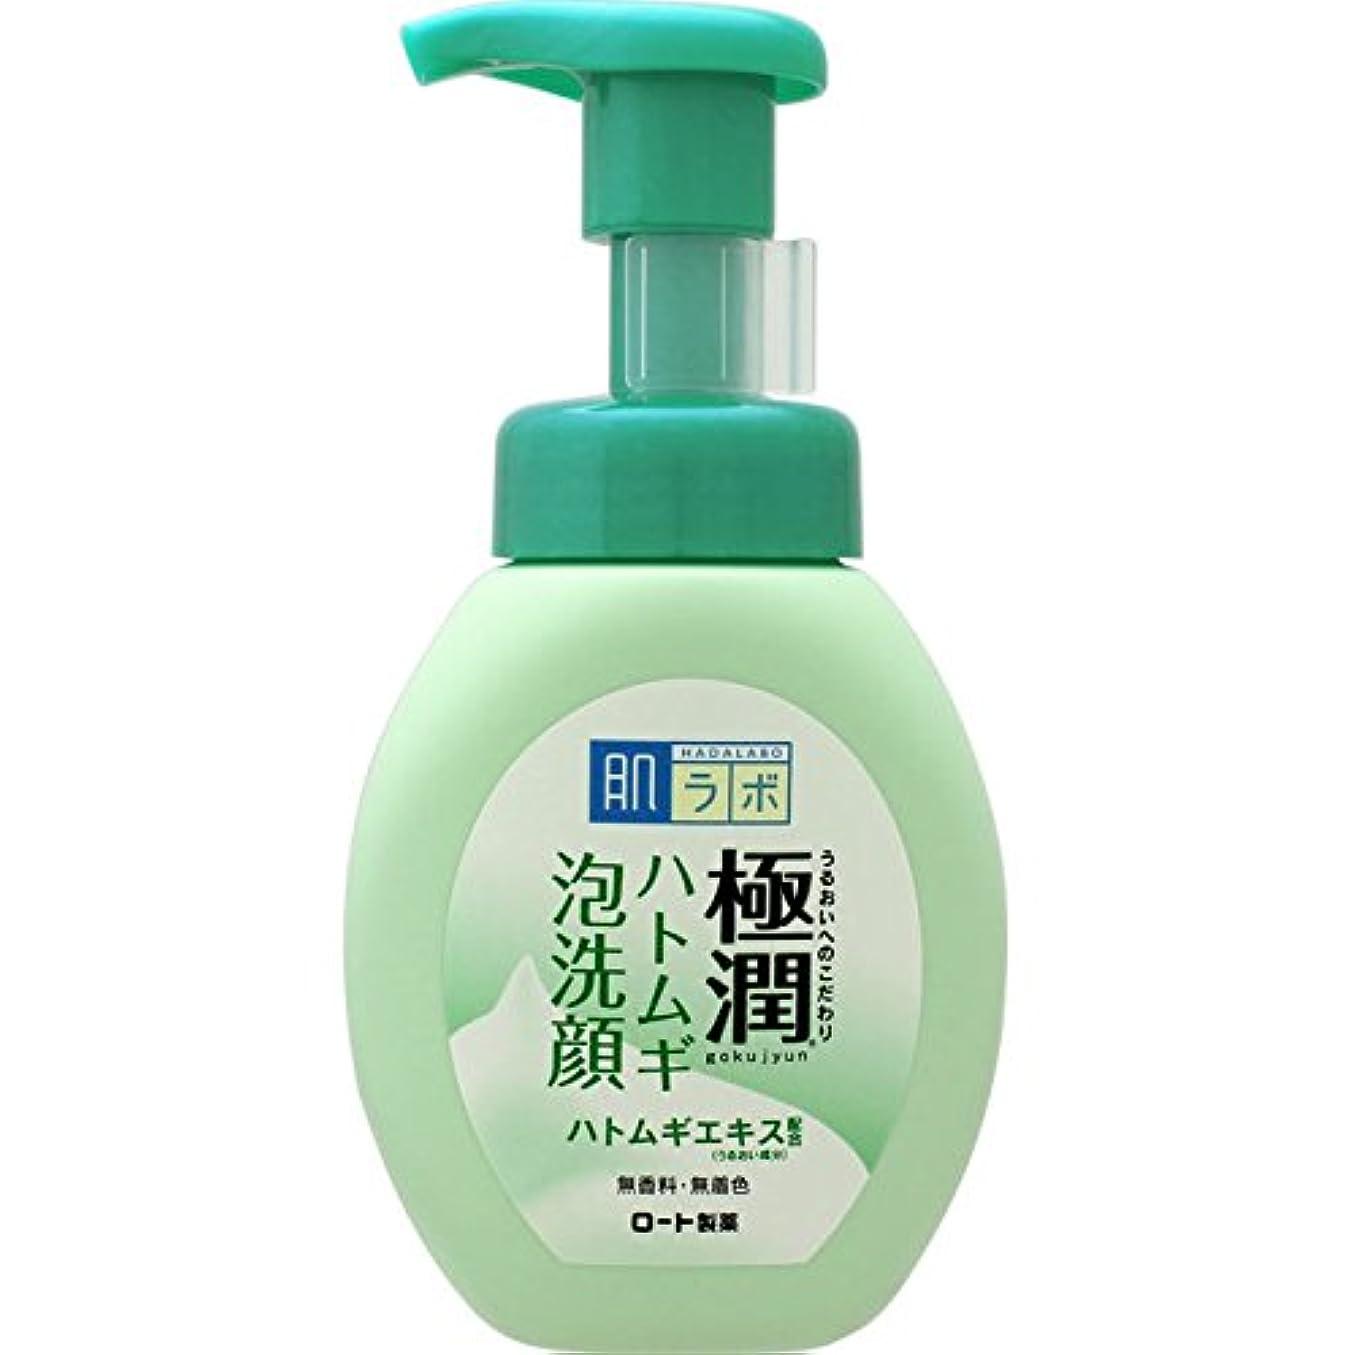 一般的に万一に備えて製品肌ラボ 極潤 毛穴洗浄 大人ニキビ予防 ハトムギ泡洗顔 160mL